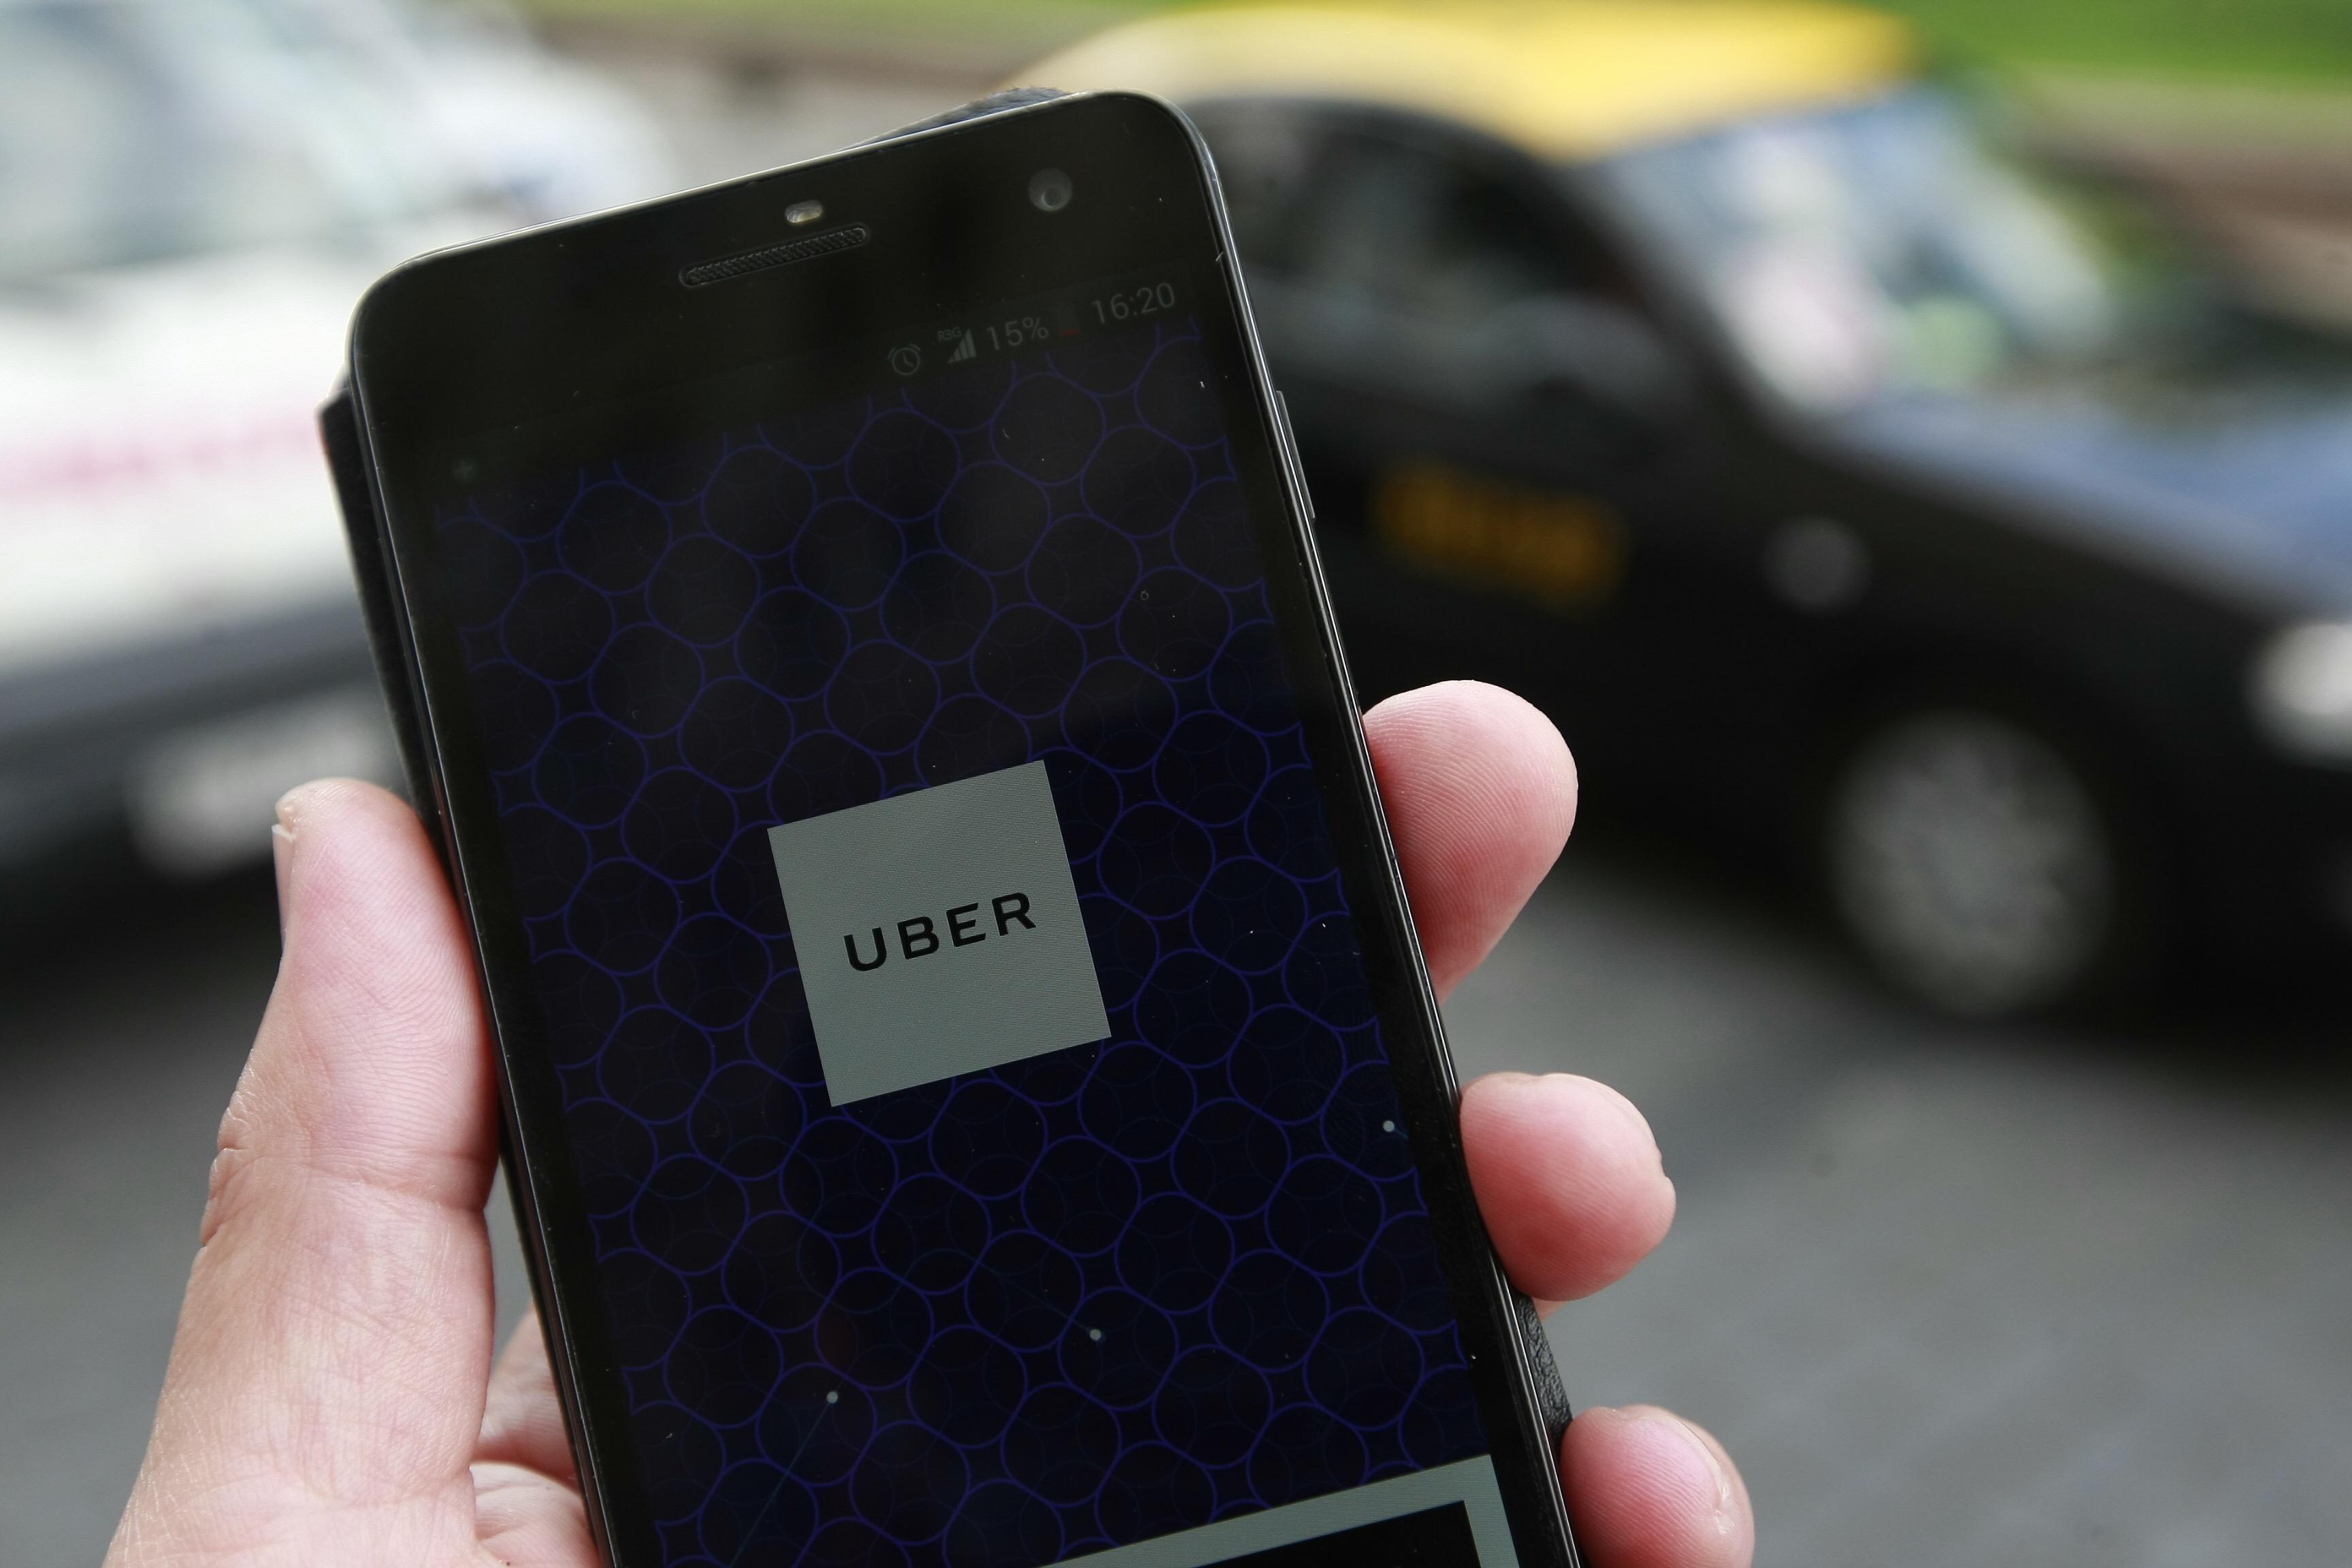 Cinco años de Uber en Chile: app traslada a más de dos millones de pasajeros al mes